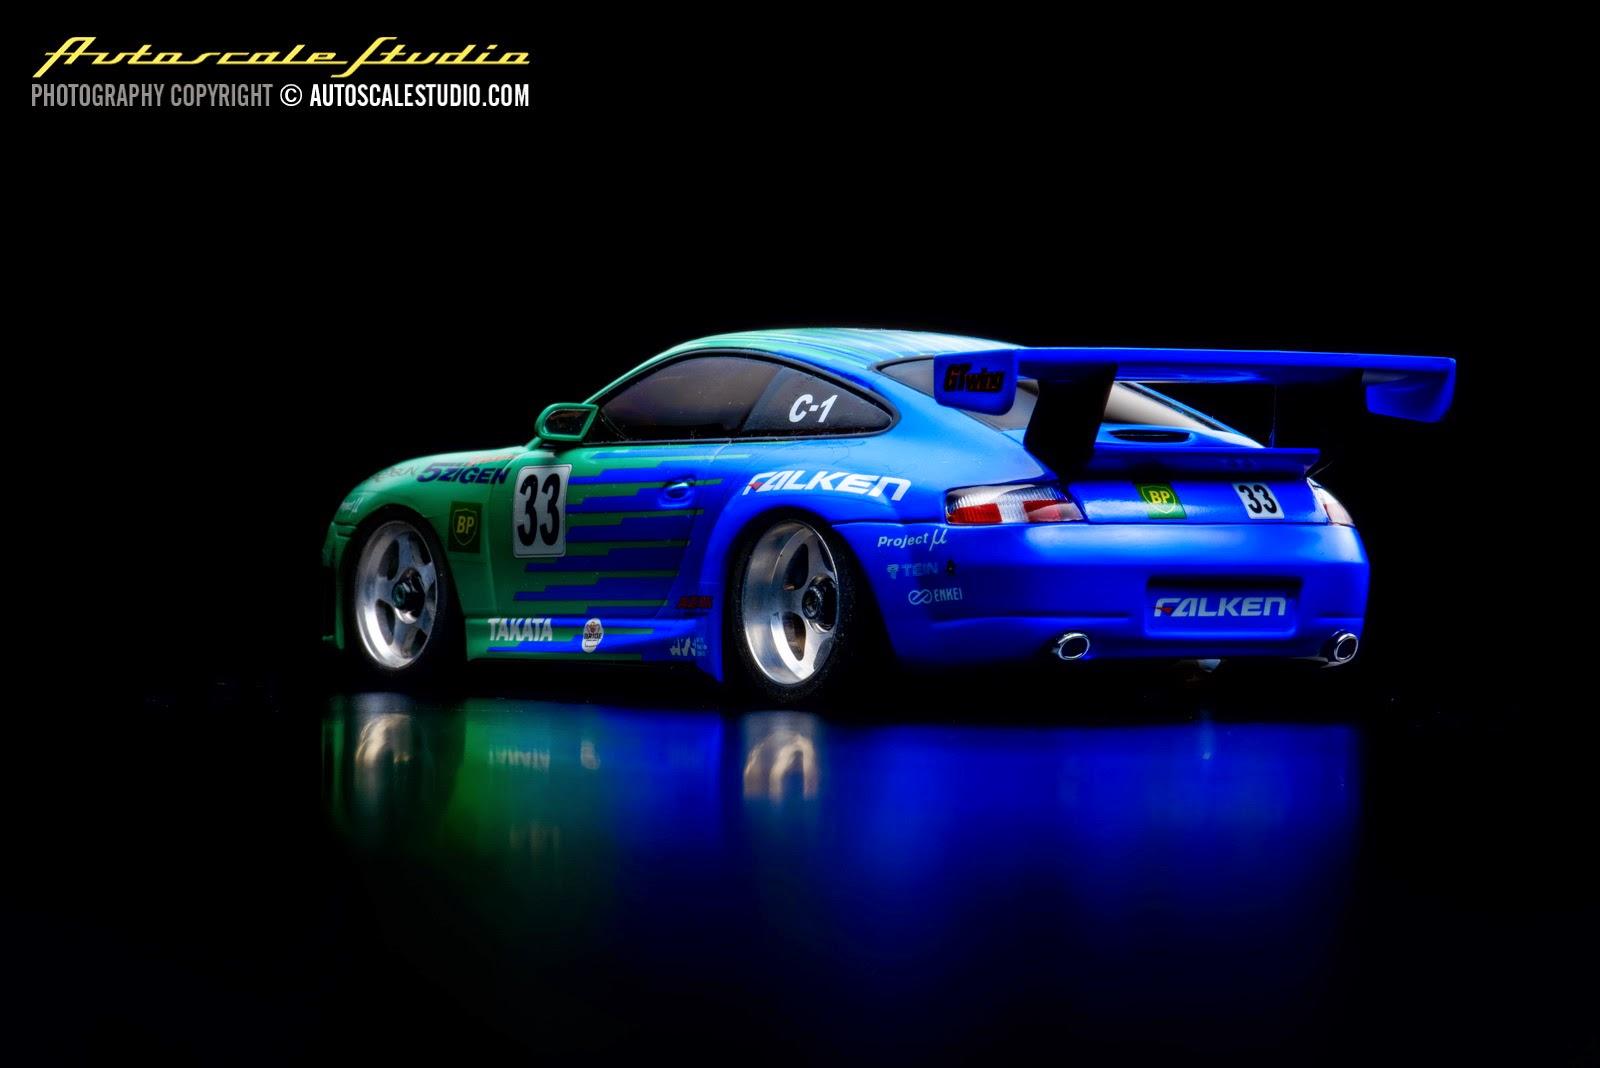 PORSCHE OFFICIAL 911 996 SUPERCUP RACECAR SCHEDULE SHOWROOM POSTER 1998